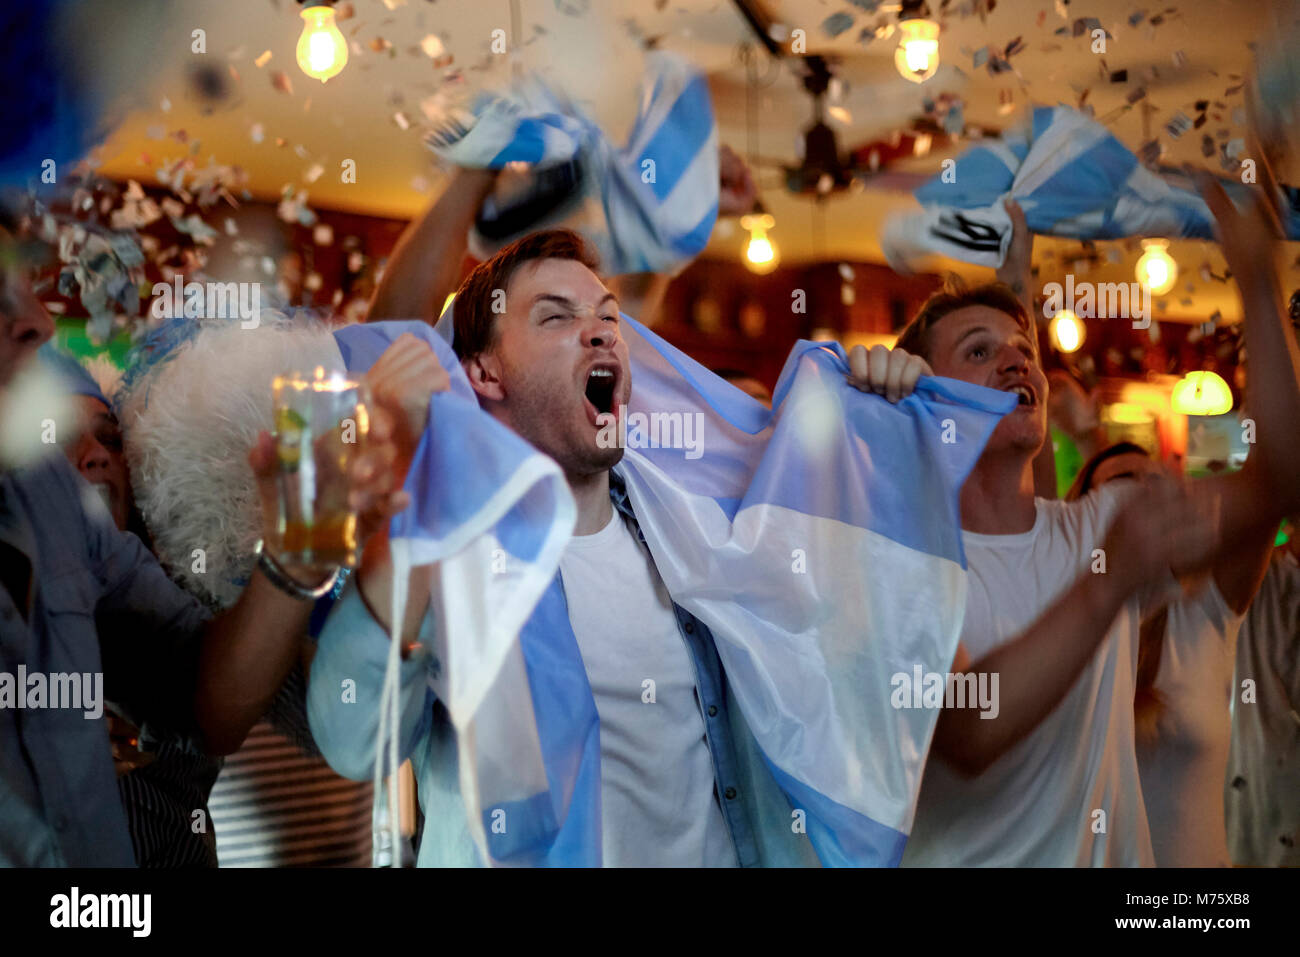 Argentinische Fußball-Fans feiern Sieg in bar Stockbild